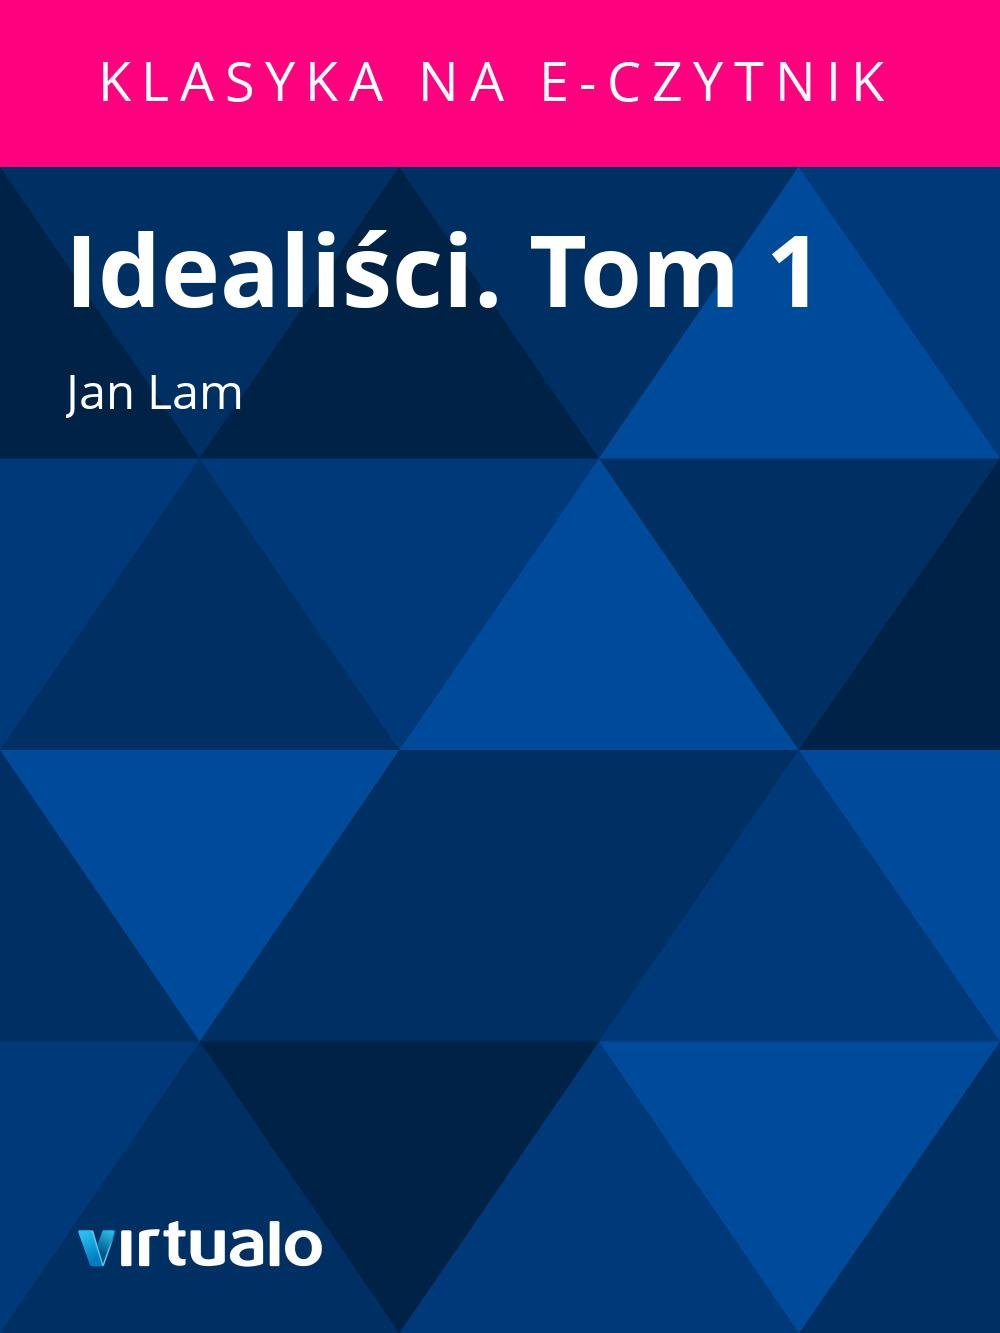 Idealiści. Tom 1 - Ebook (Książka EPUB) do pobrania w formacie EPUB